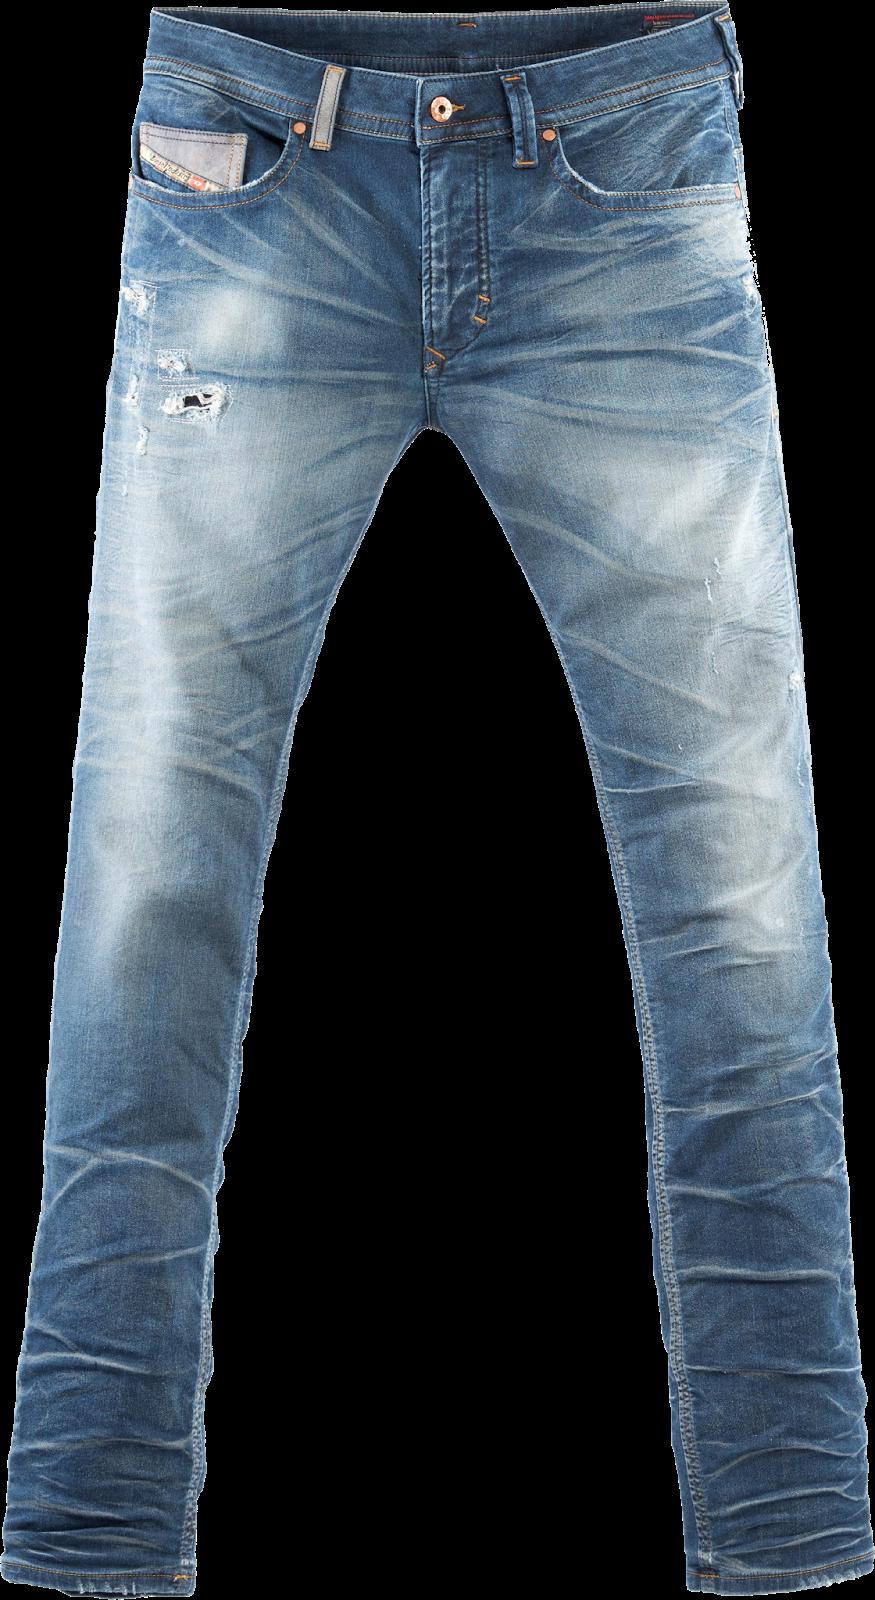 Clipart pants pant. Blue jeans png hd